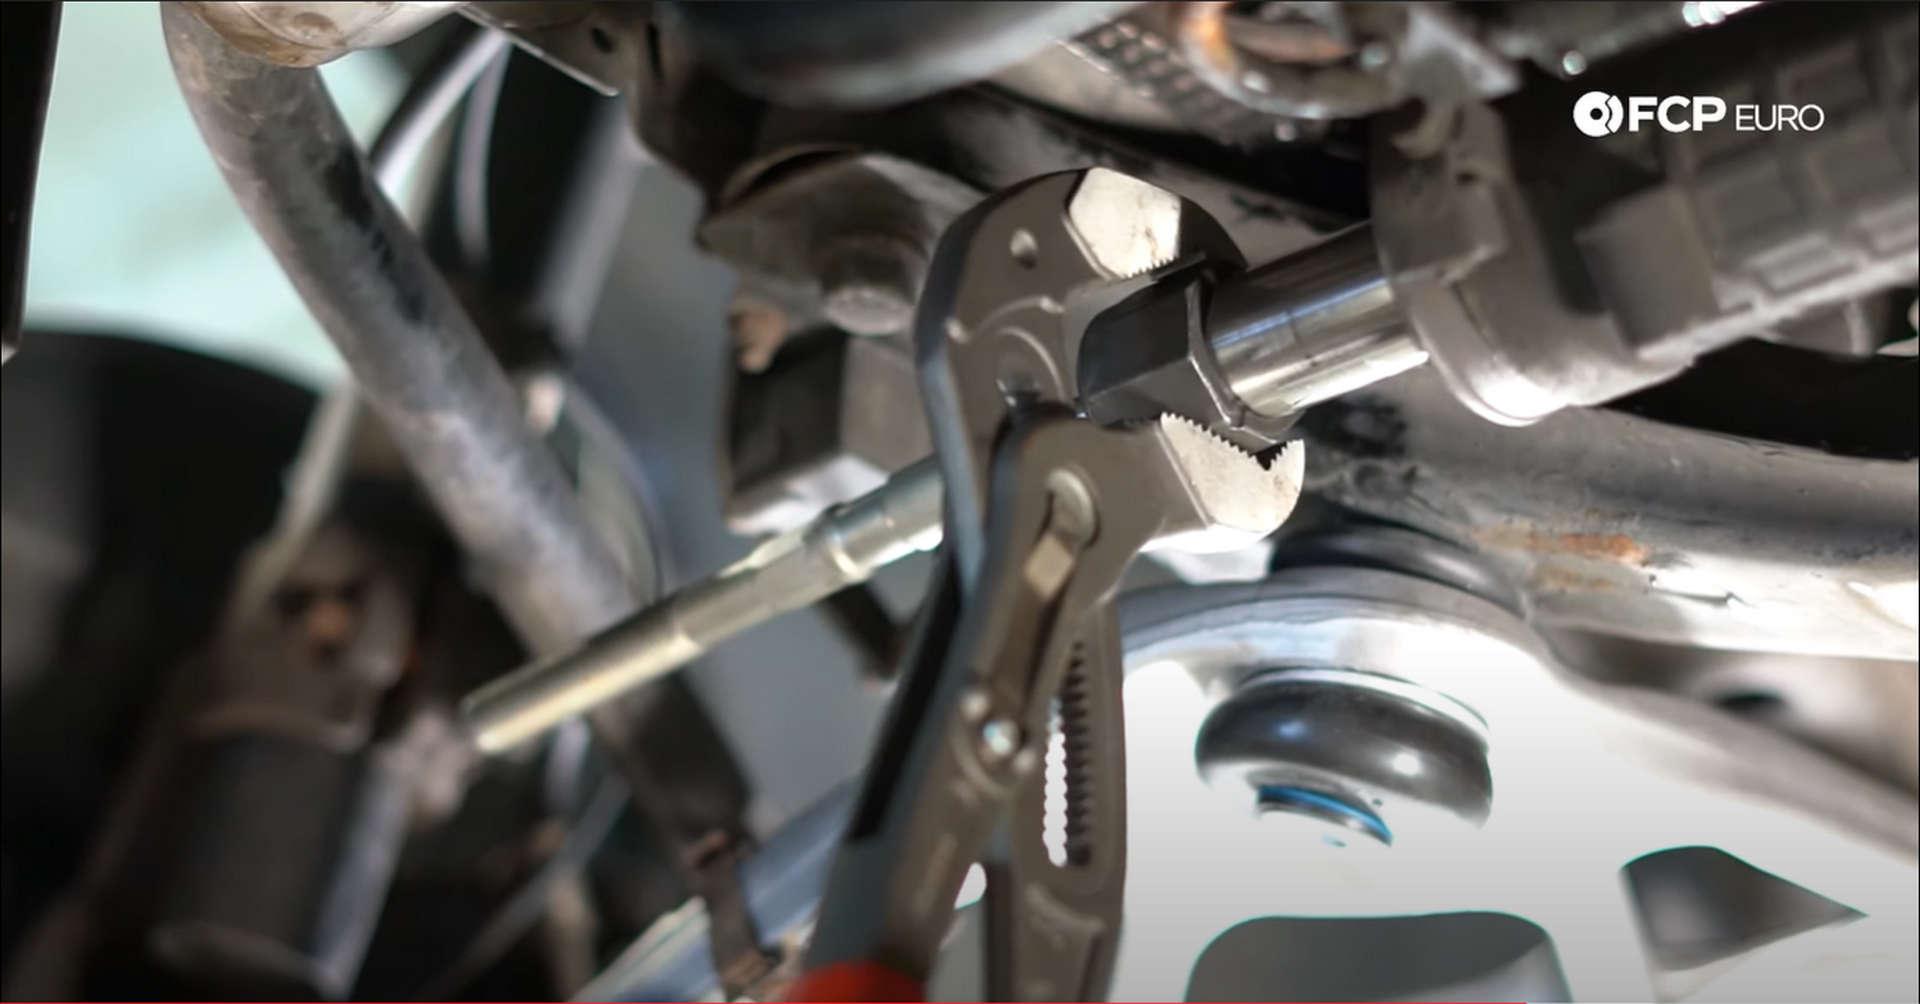 DIY BMW Front Suspension Refresh tightening the inner tie rod